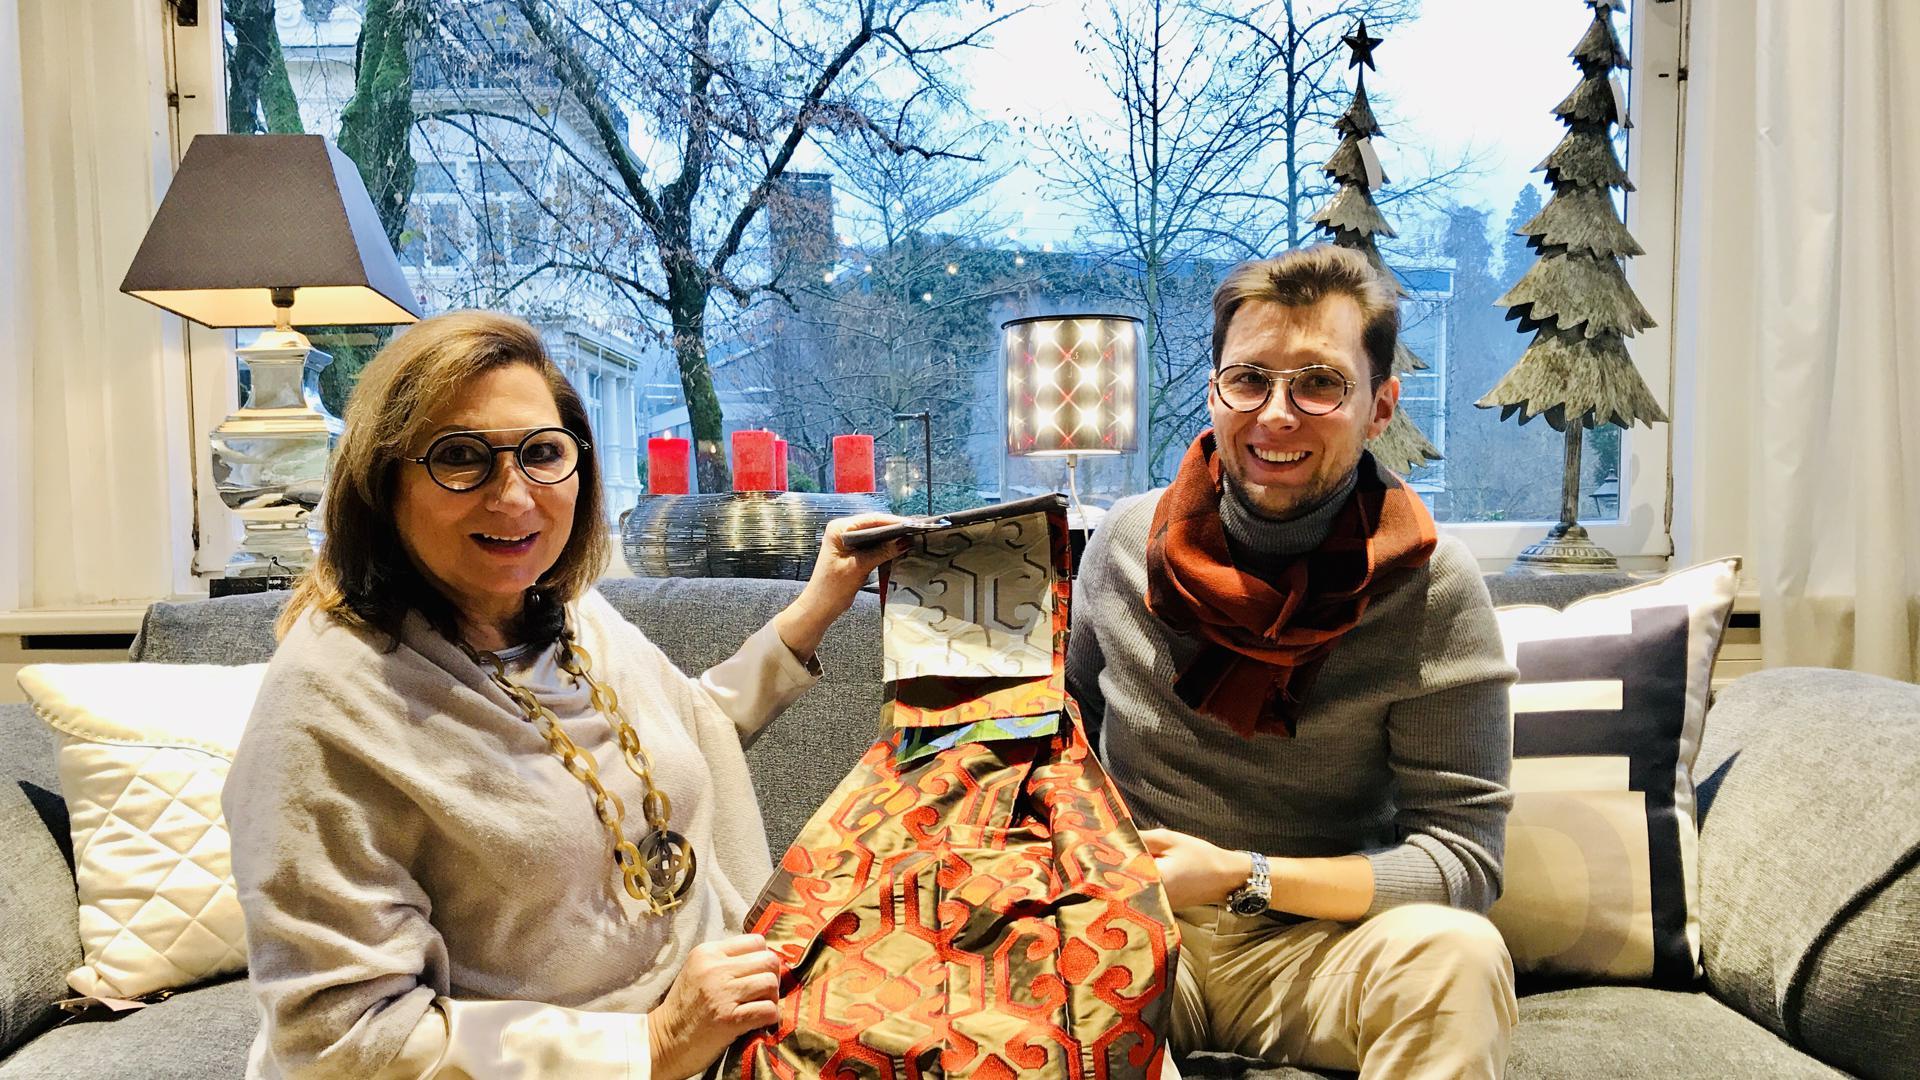 Die Inneneinrichtungsexperten Iris Piening und ihr Sohn Roger sitzen mit Mustern von hochwertigen Dekostoffen auf einem Designersofa.